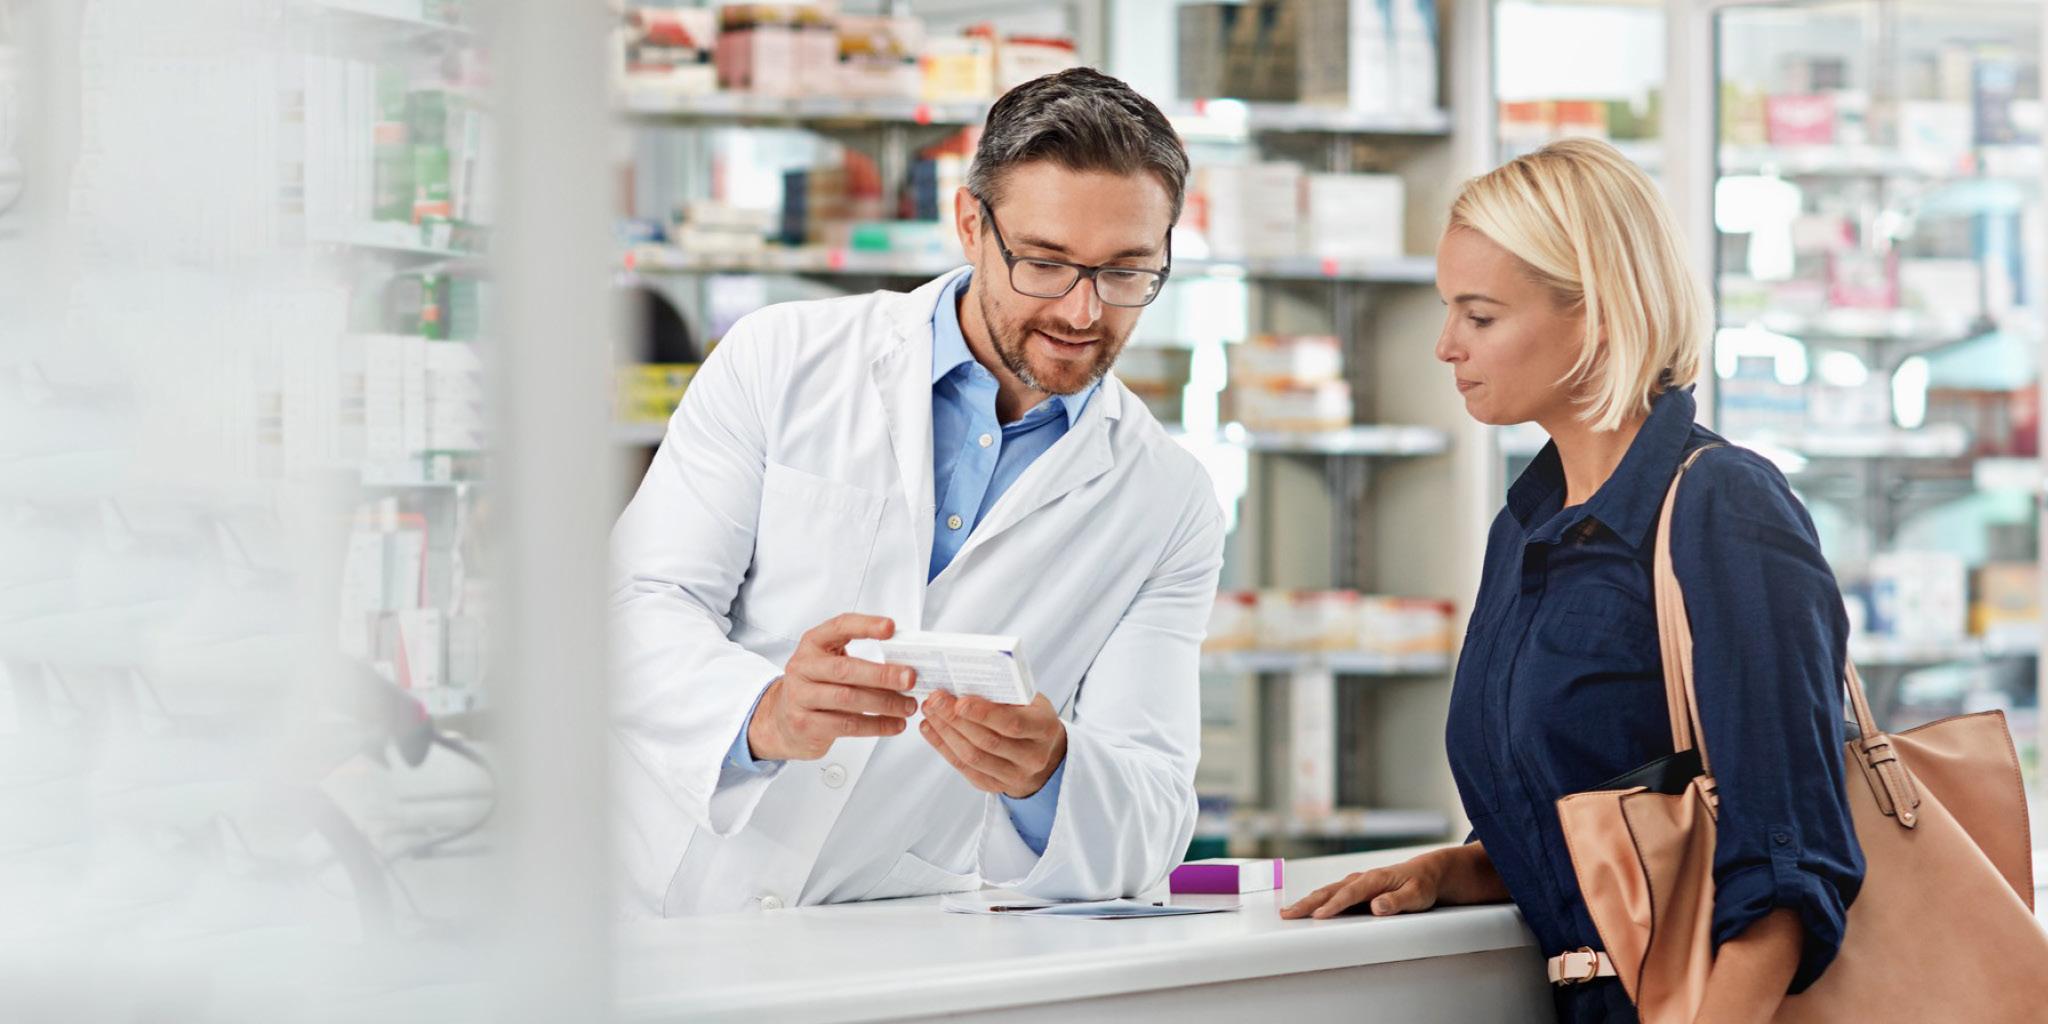 Apothekenrecht, Datenschutz-Grundverordnung, Datenschutzrecht: ApoAktuell: Impfungen aus umsatzsteuerlicher Sicht – Was Apotheker beachten müssen